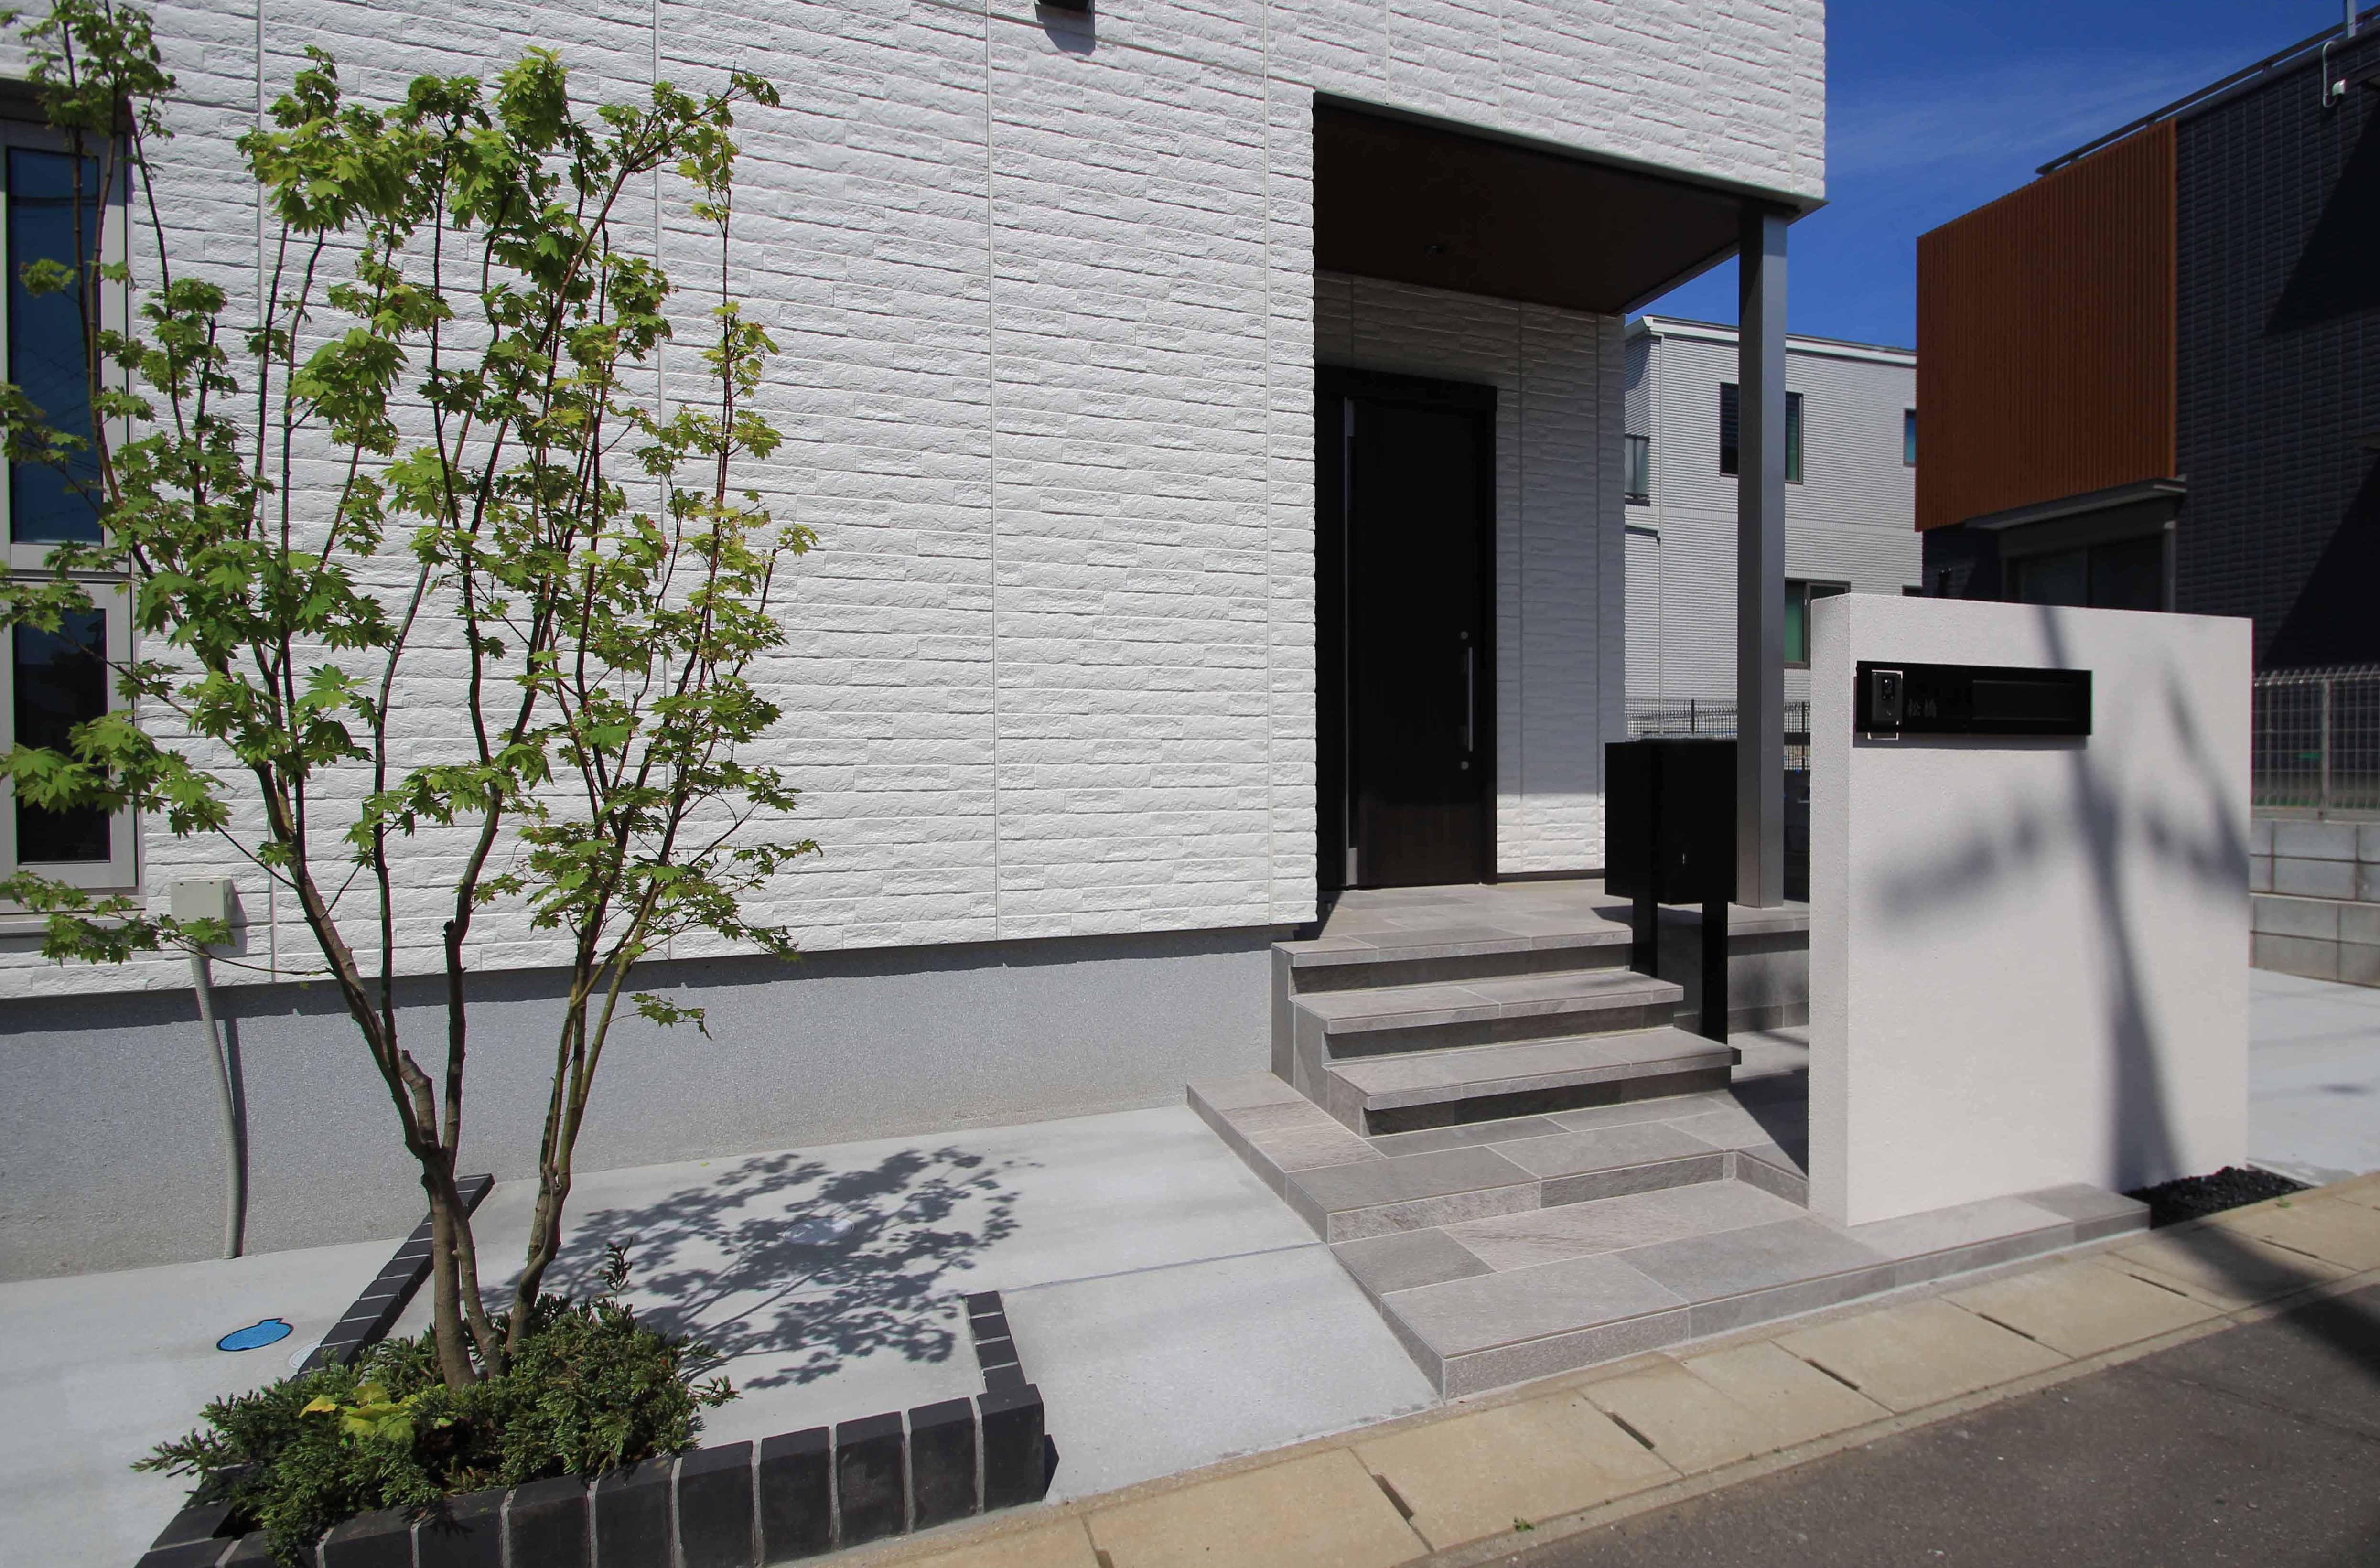 千葉市。<br>カッティングが美しい端正な白壁に香る初夏。13